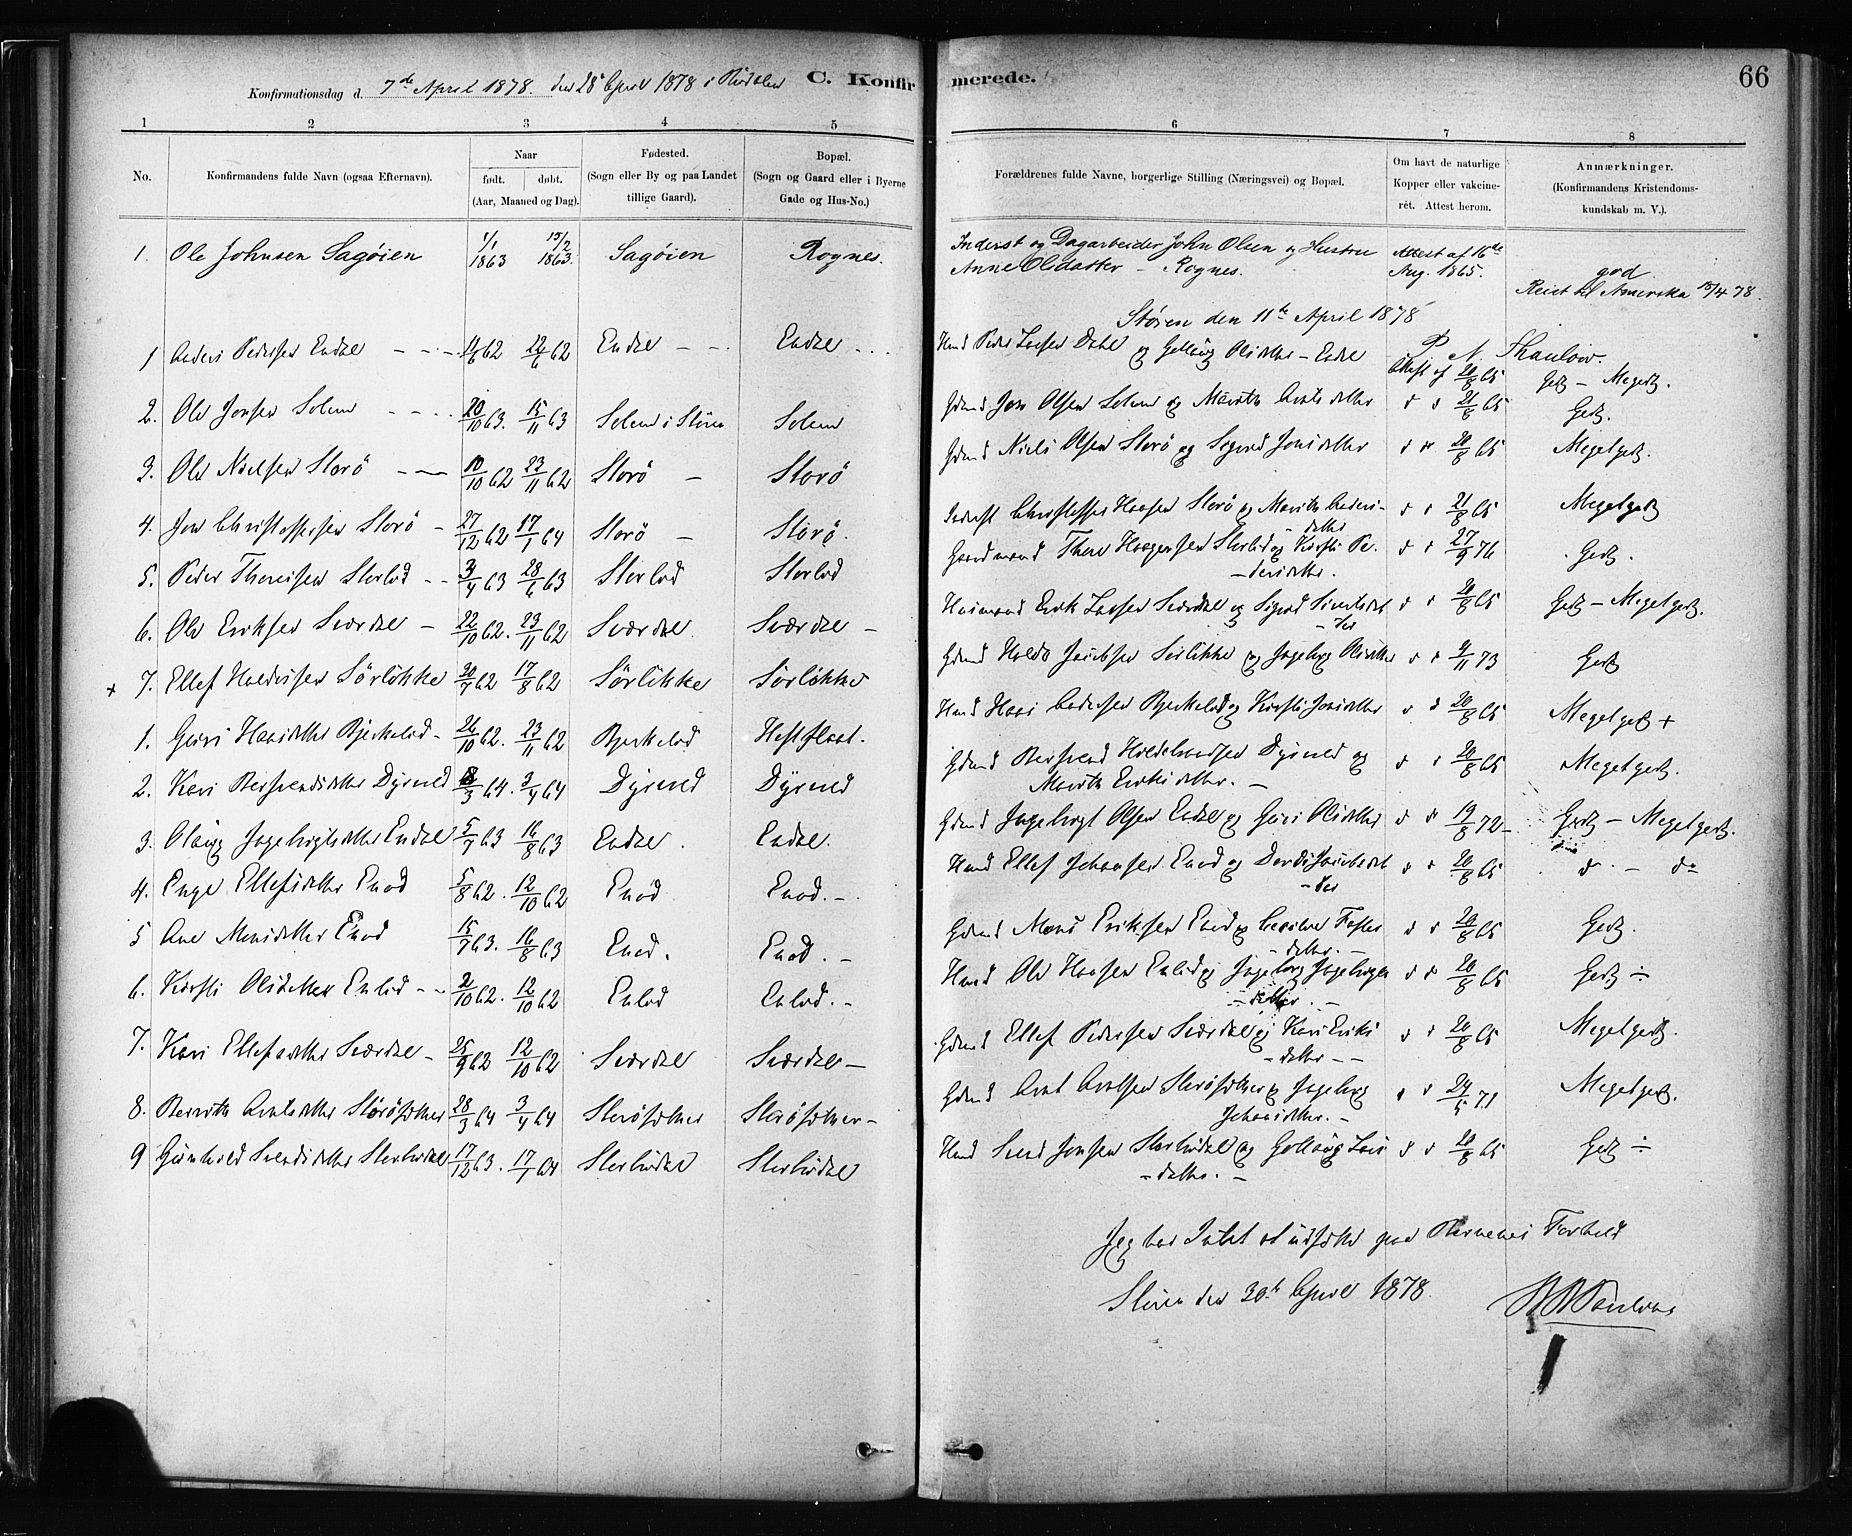 SAT, Ministerialprotokoller, klokkerbøker og fødselsregistre - Sør-Trøndelag, 687/L1002: Ministerialbok nr. 687A08, 1878-1890, s. 66